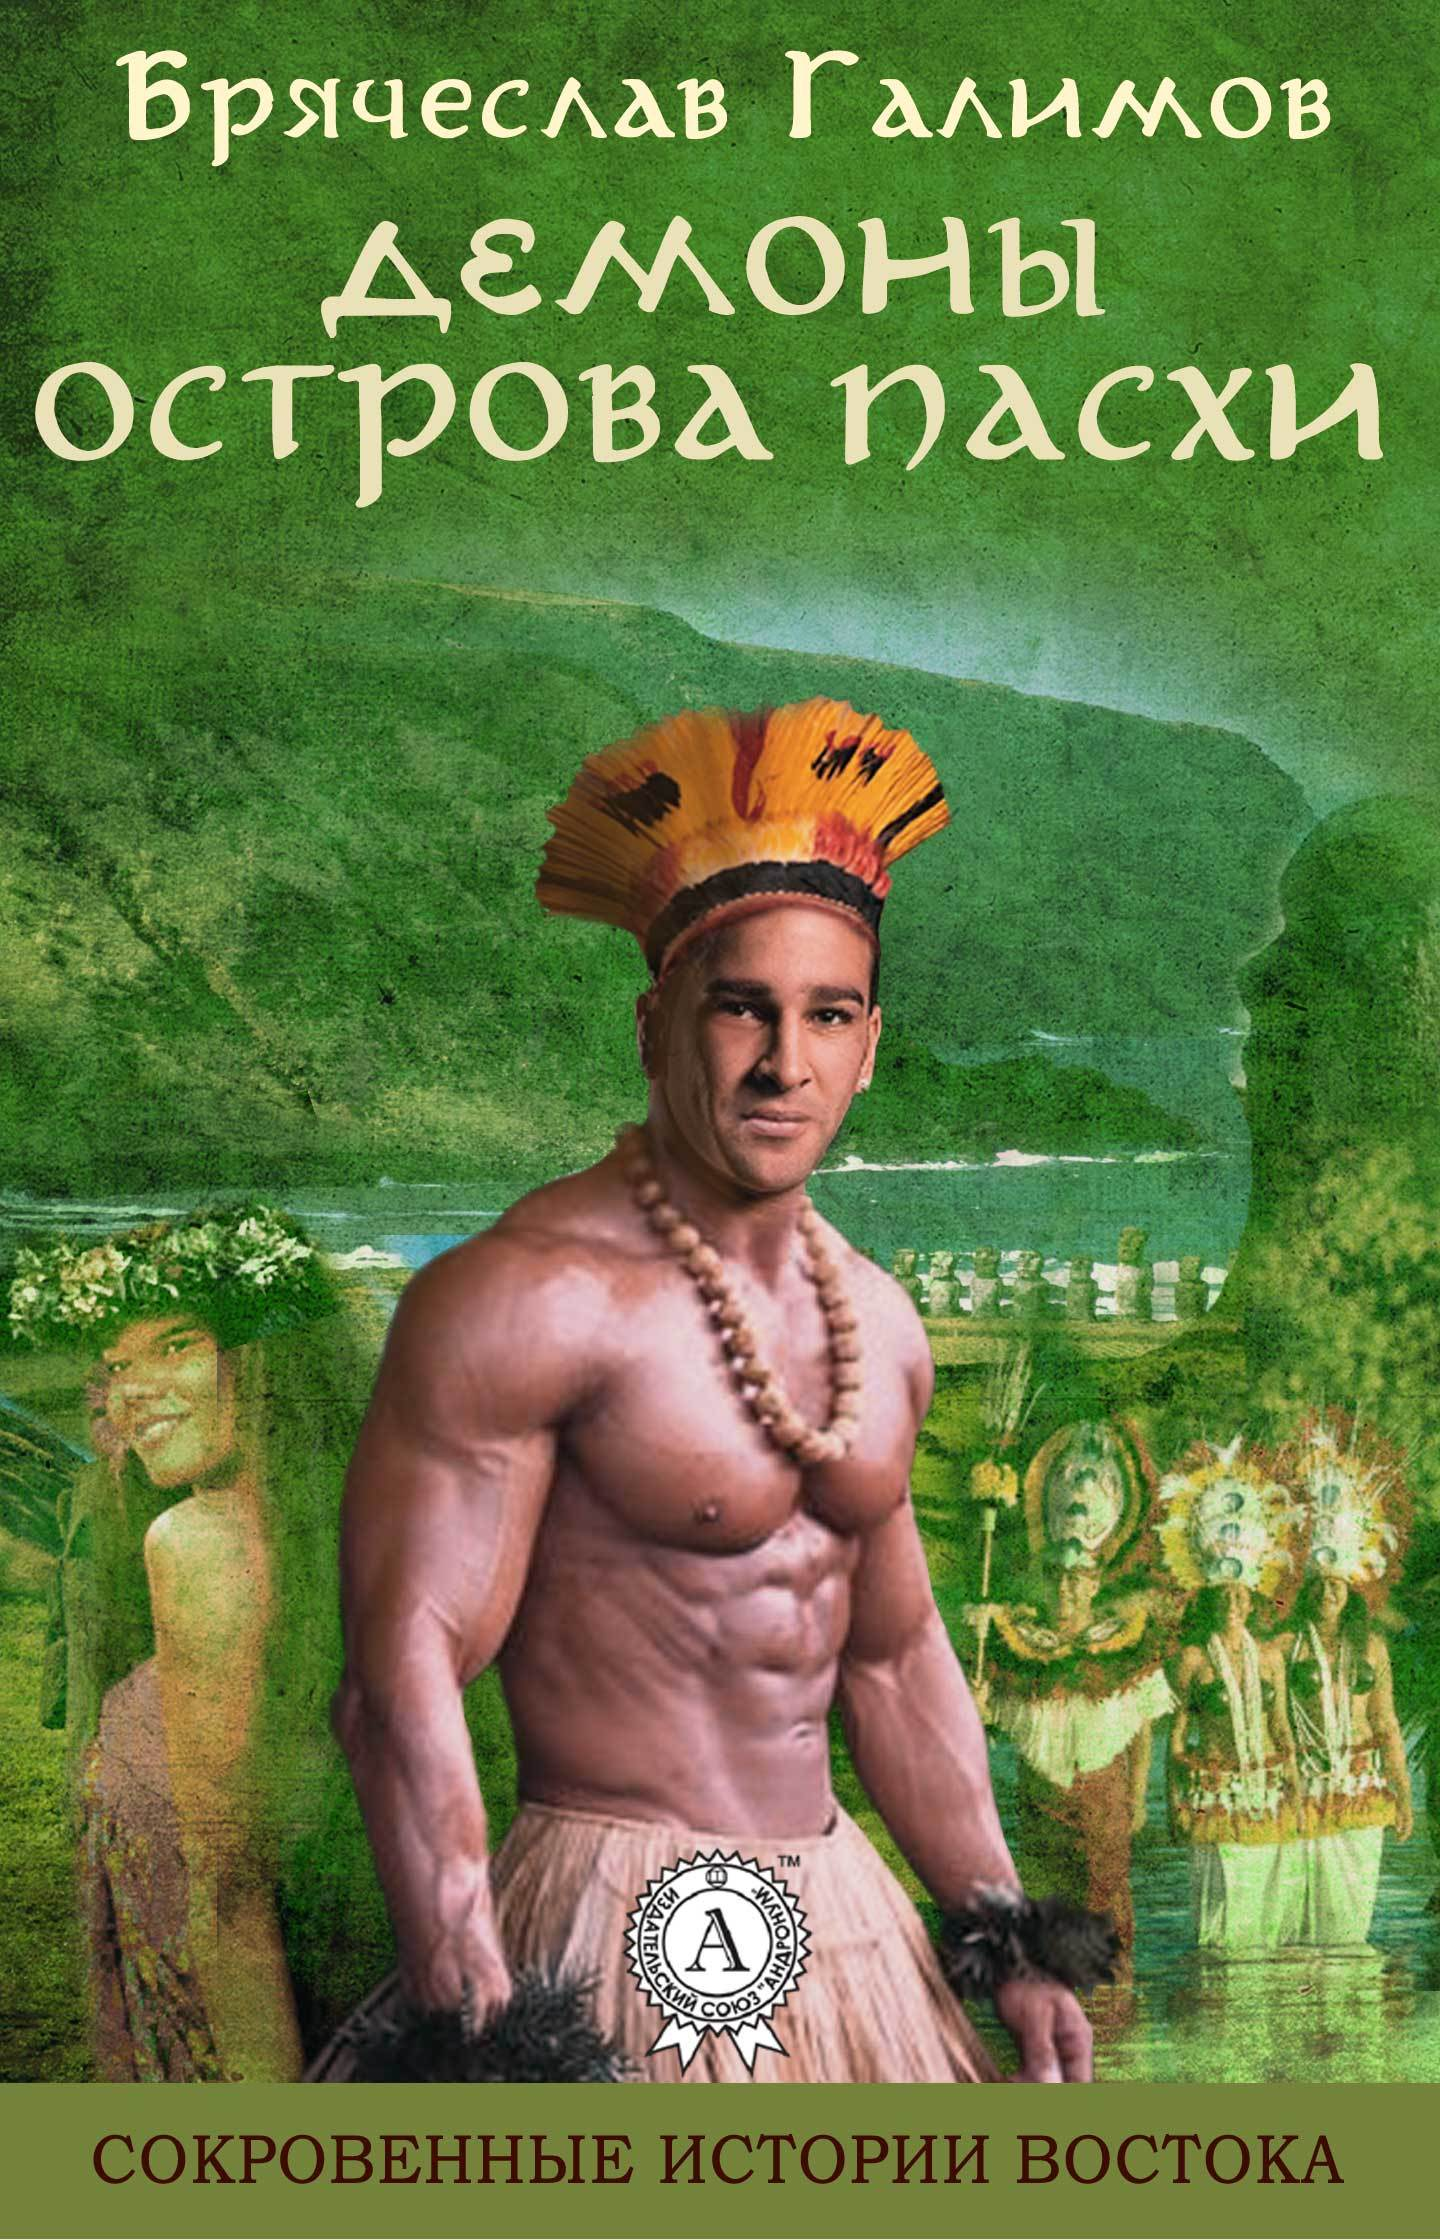 Галимов Брячеслав «Демоны острова Пасхи»